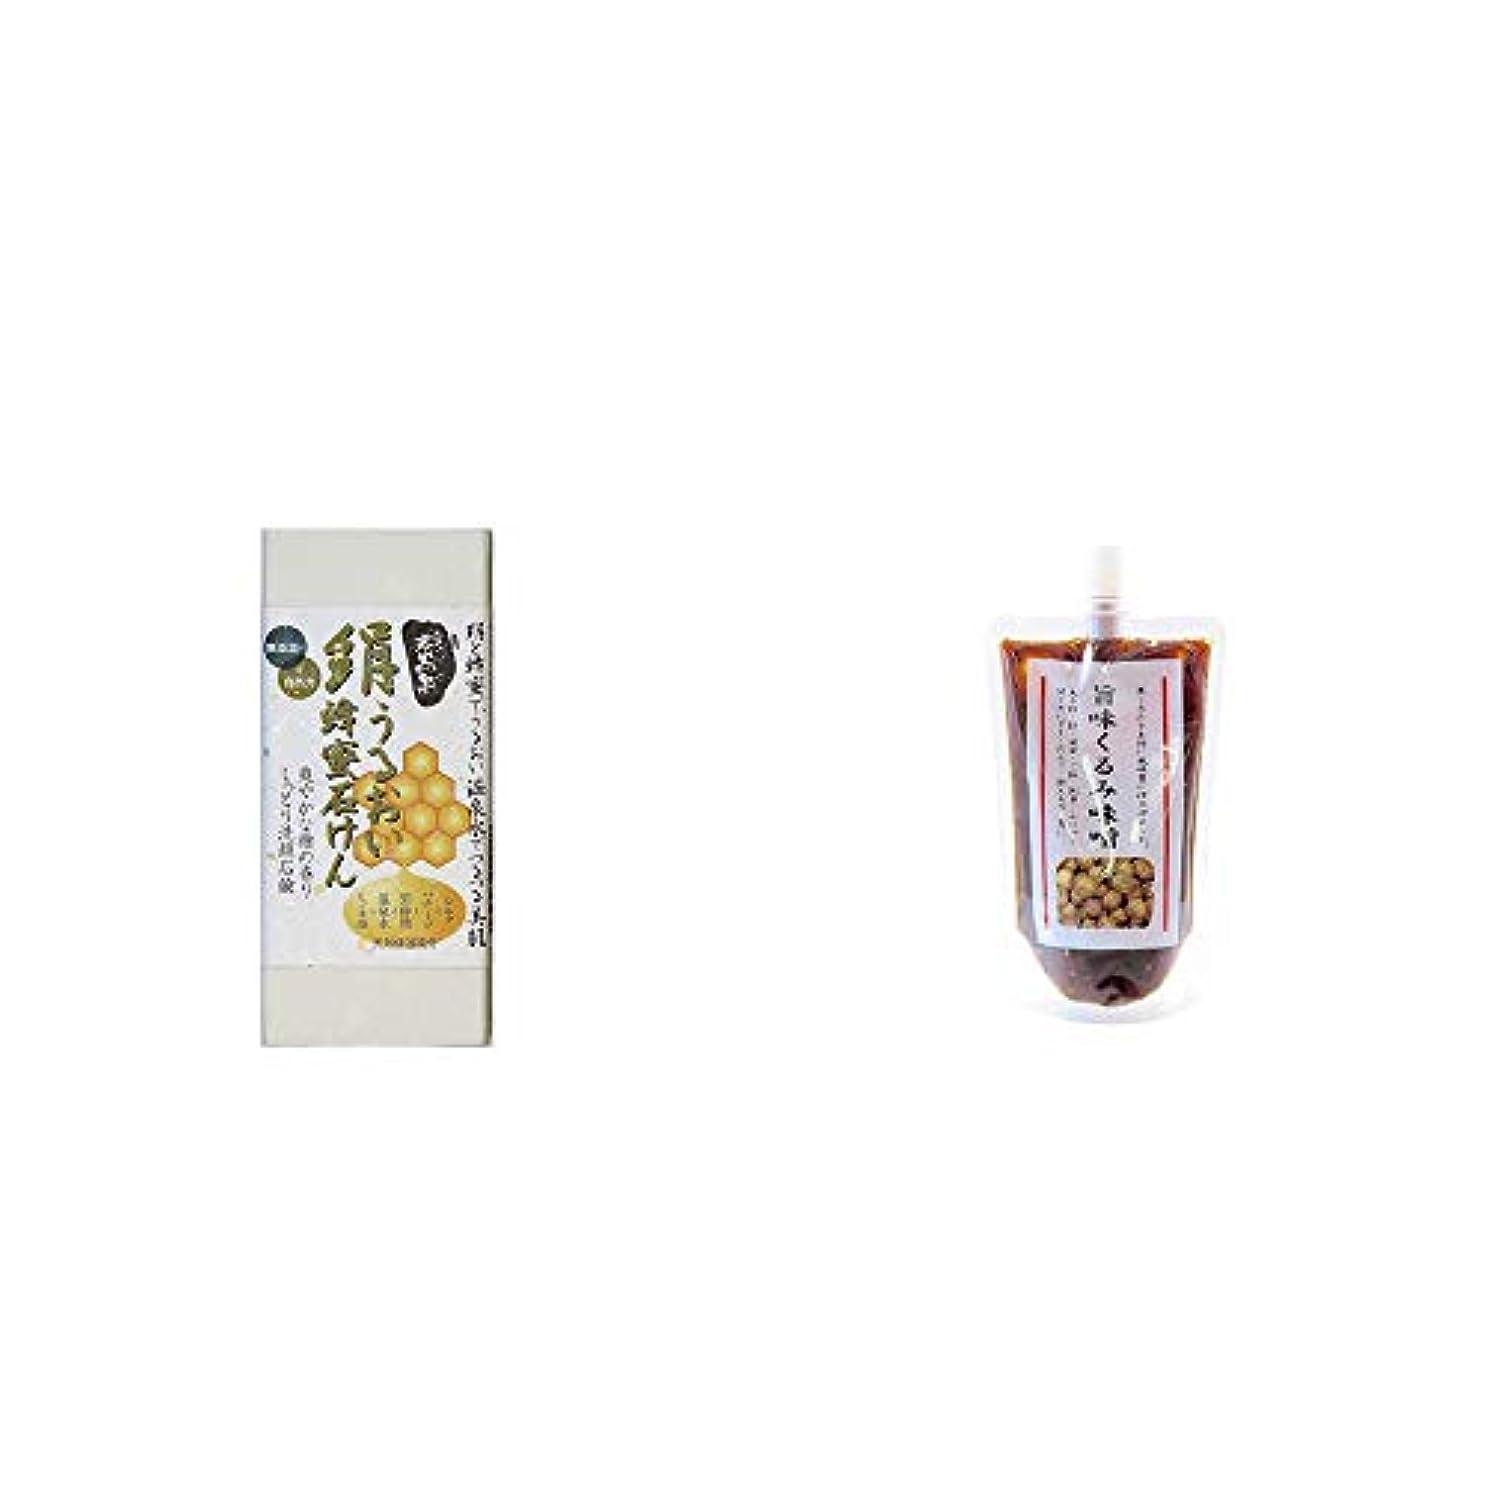 伝導率頭痛困惑した[2点セット] ひのき炭黒泉 絹うるおい蜂蜜石けん(75g×2)?旨味くるみ味噌(260g)